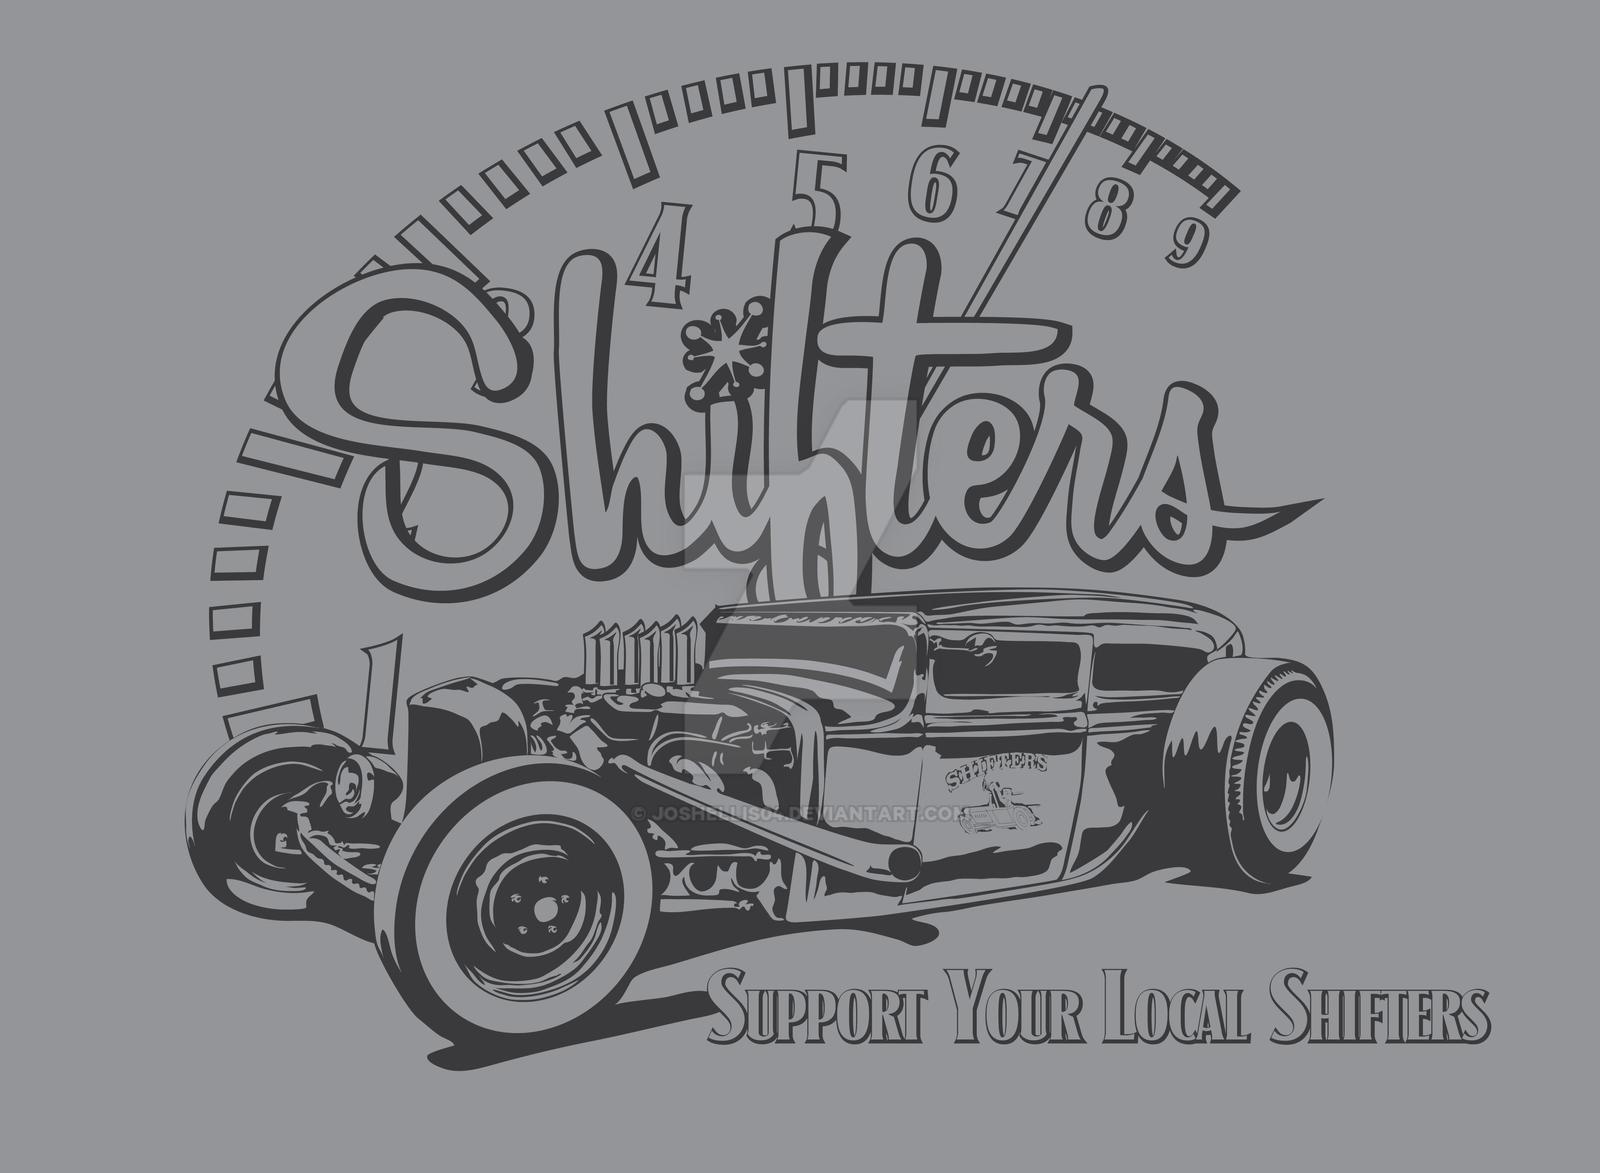 Design car club logo -  Shifters Car Club Supporter Design By Joshellis04